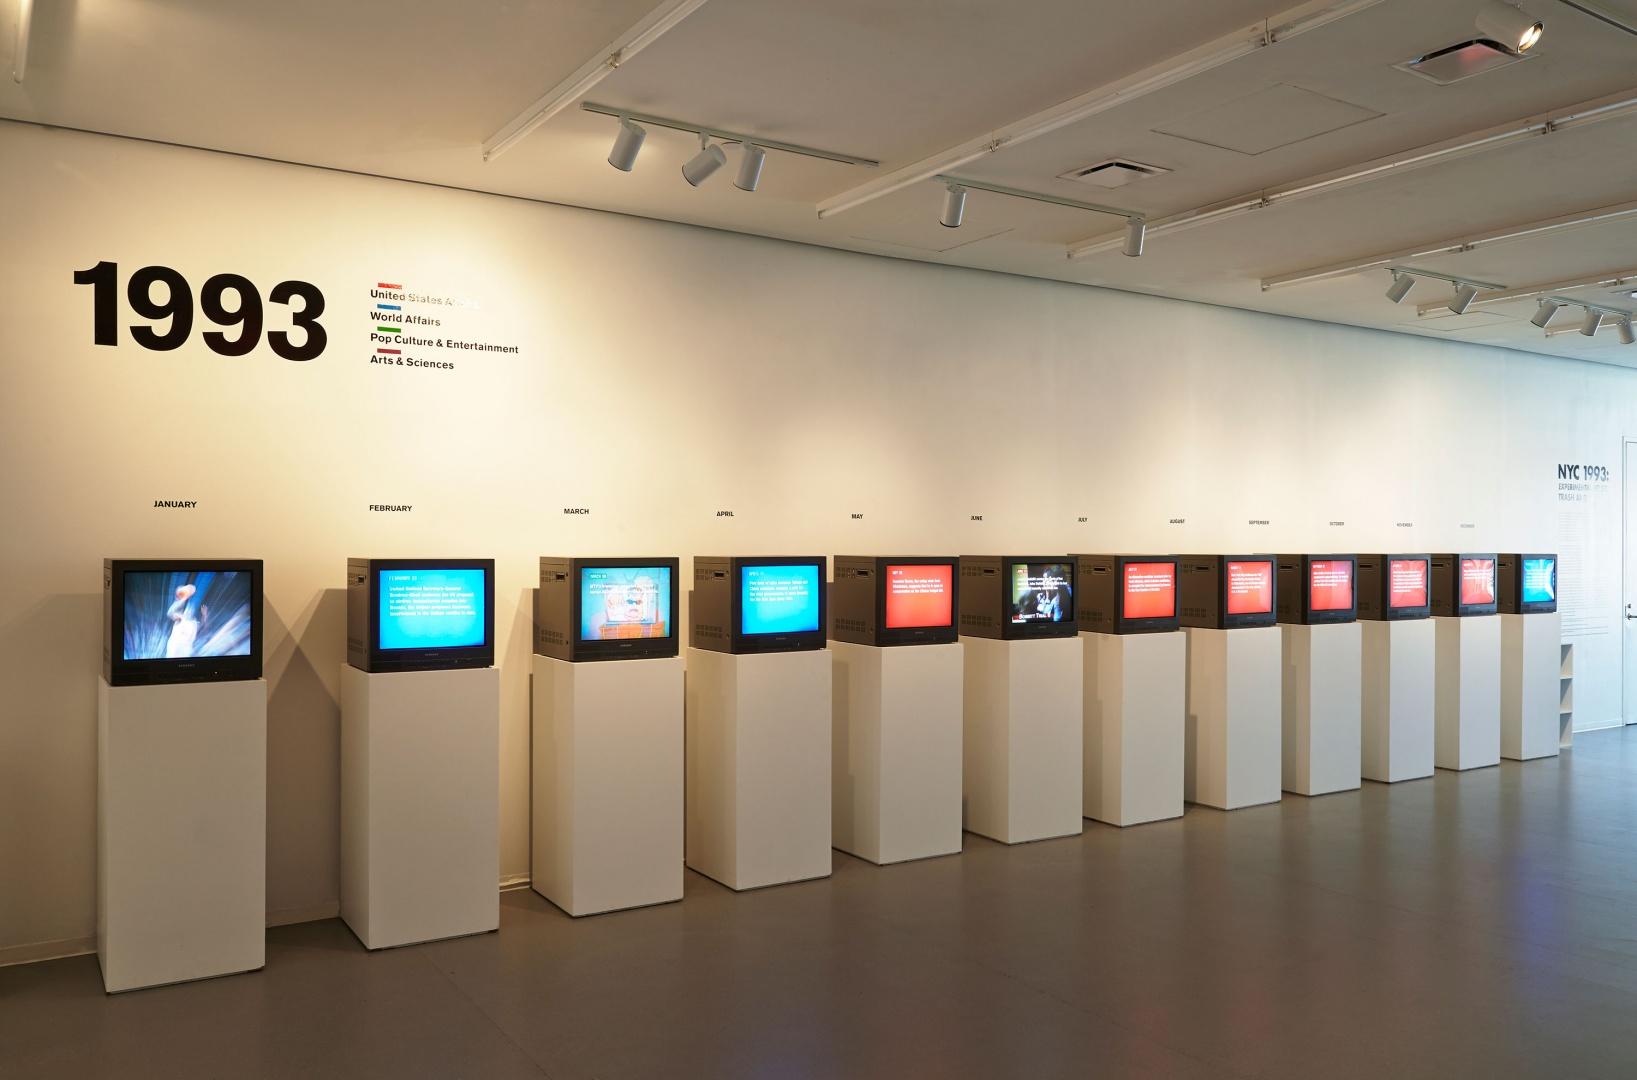 Ziemlich Küchenarmatur Ausstellungsraum New York City Fotos - Ideen ...